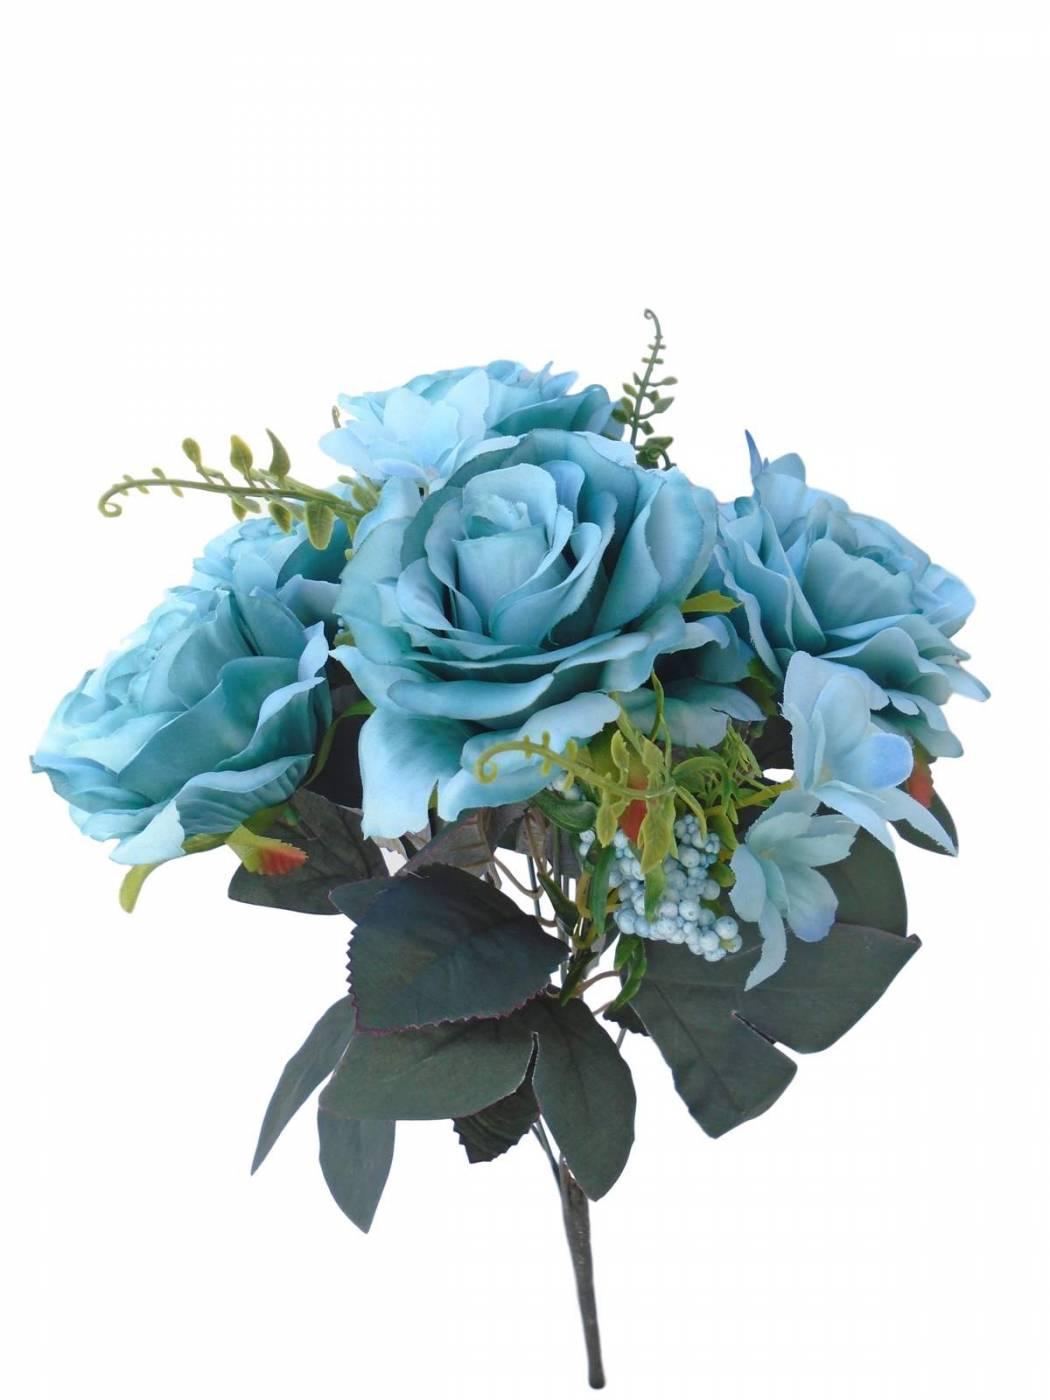 Kit Flores artificiais para arranjo e decoração 3 buques de rosas